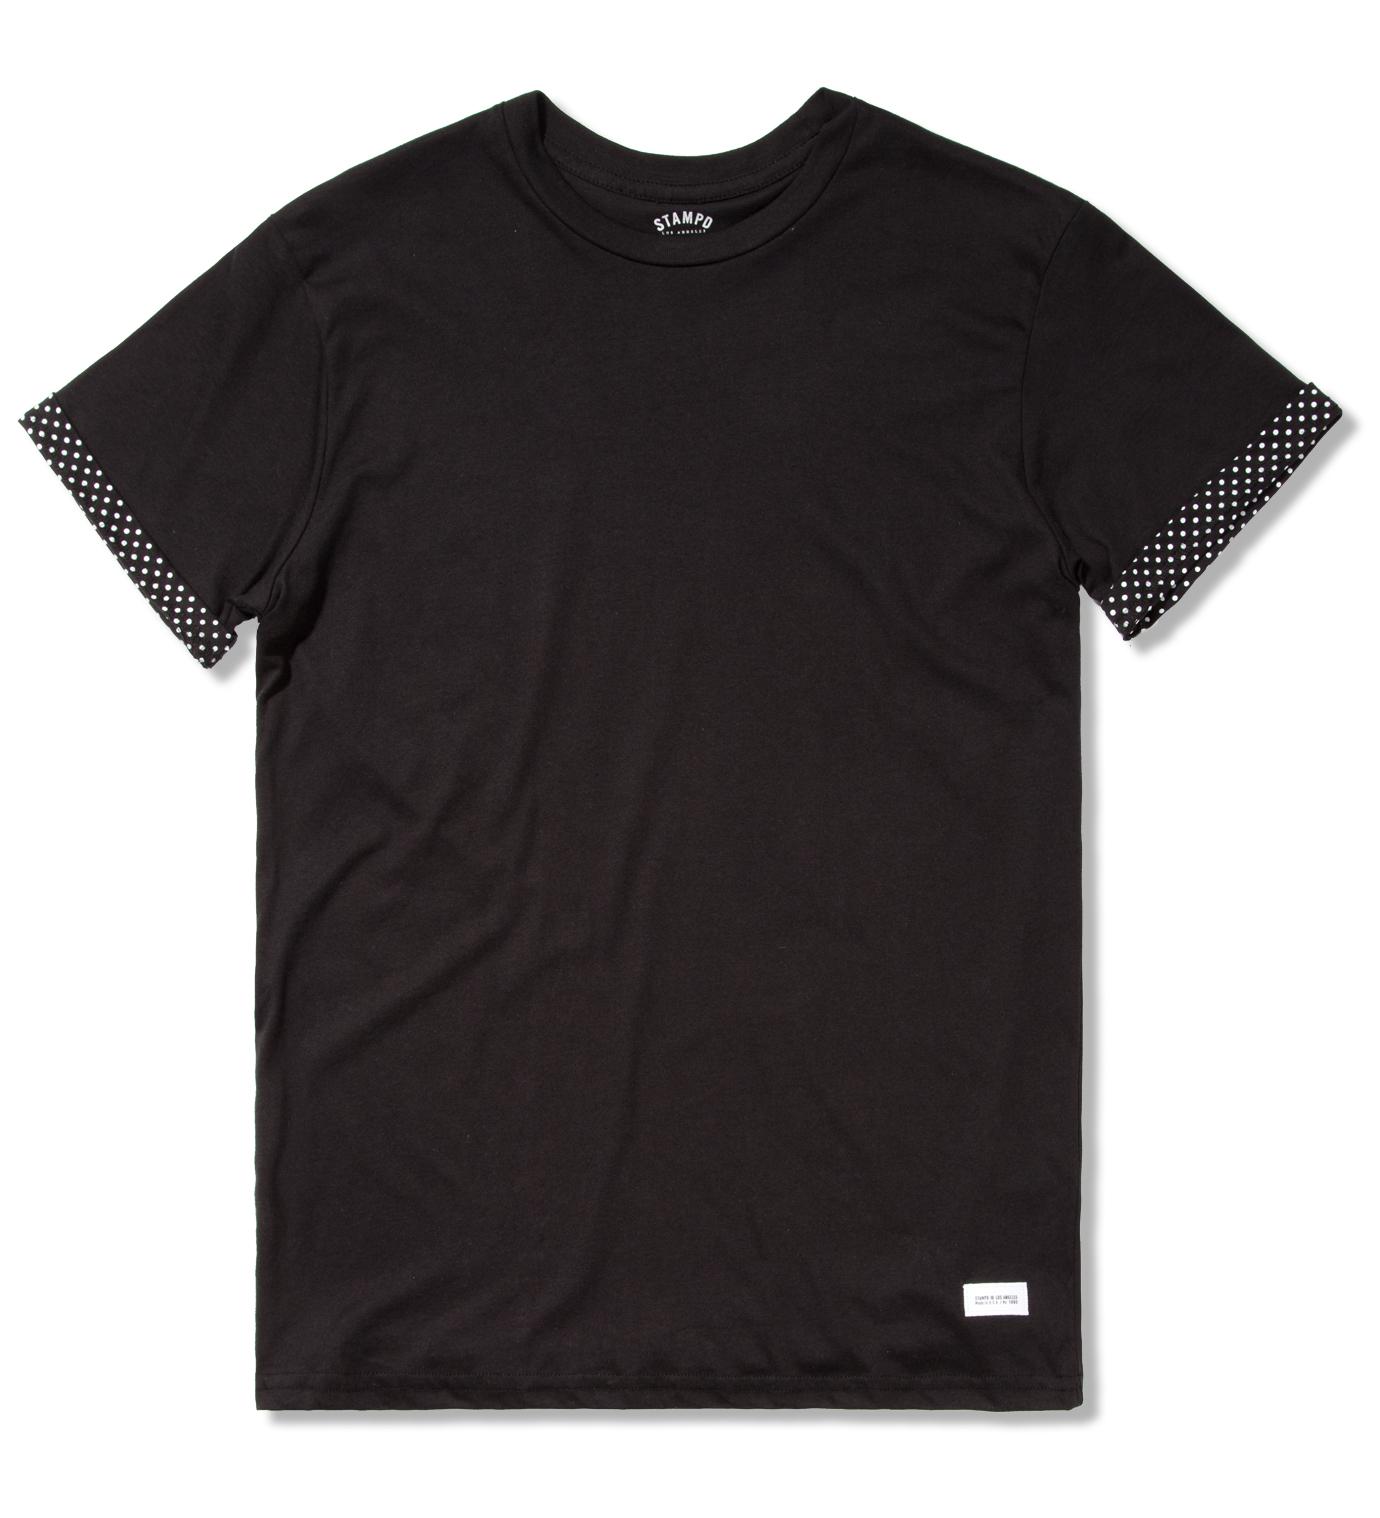 STAMPD Navy Polka Shirt